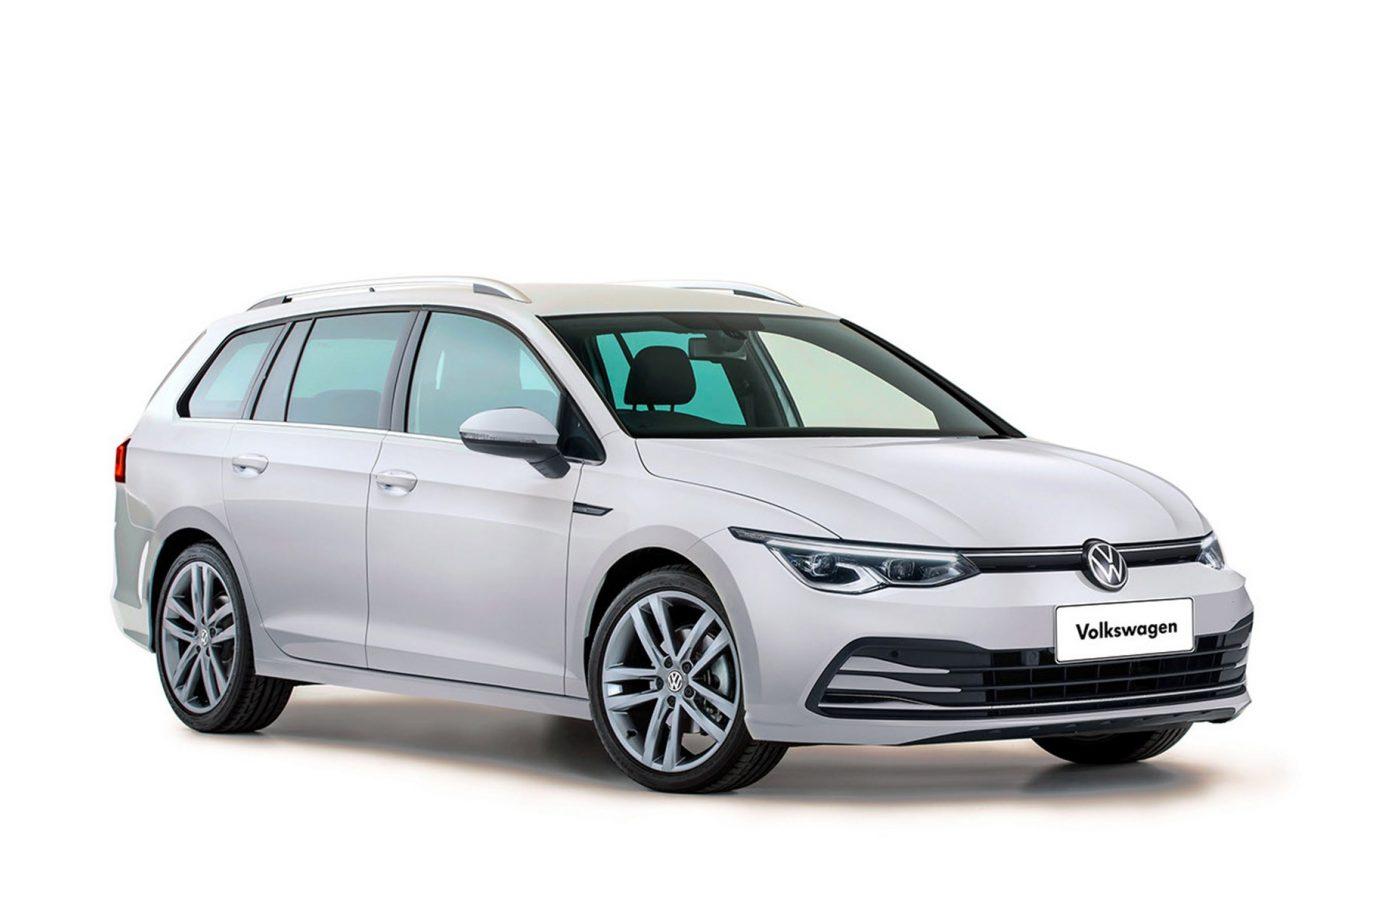 Sabe quais são os novos lançamentos da Volkswagen? Nós contamos tudo!